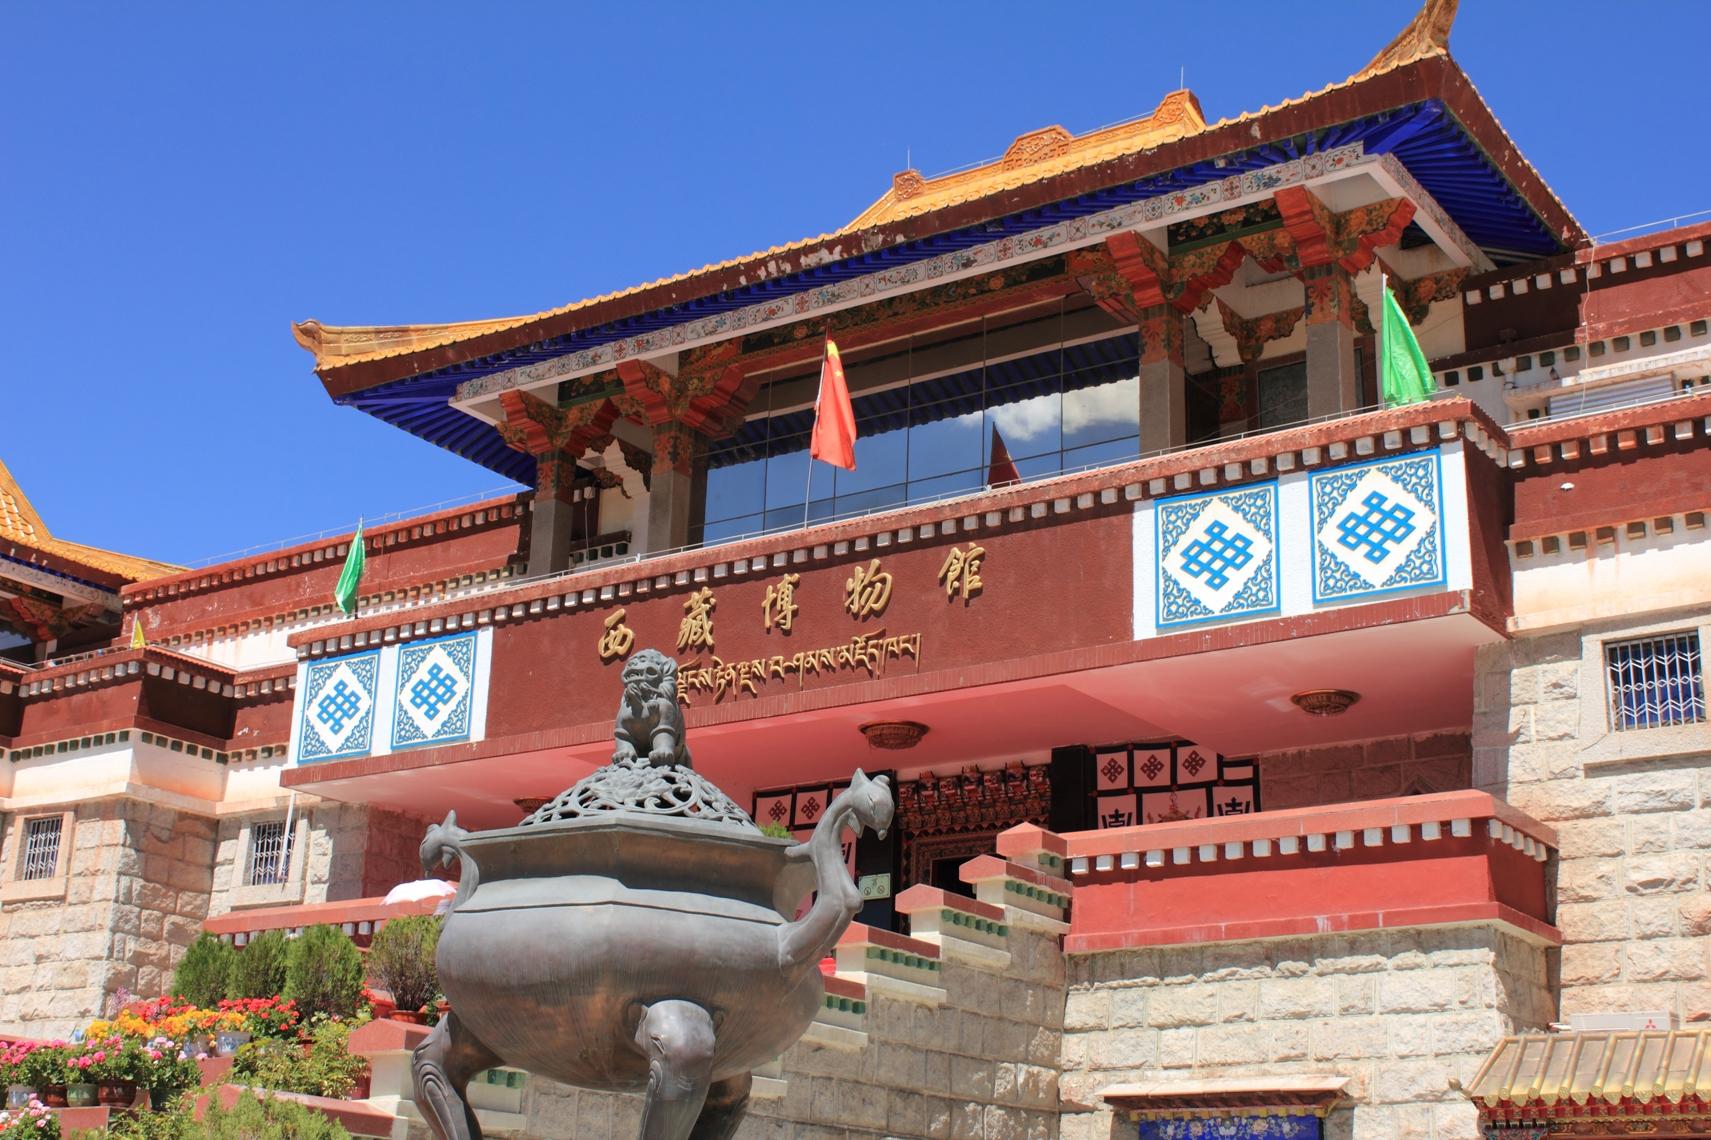 西藏拉萨-西藏博物馆,博物馆,西藏,拉萨